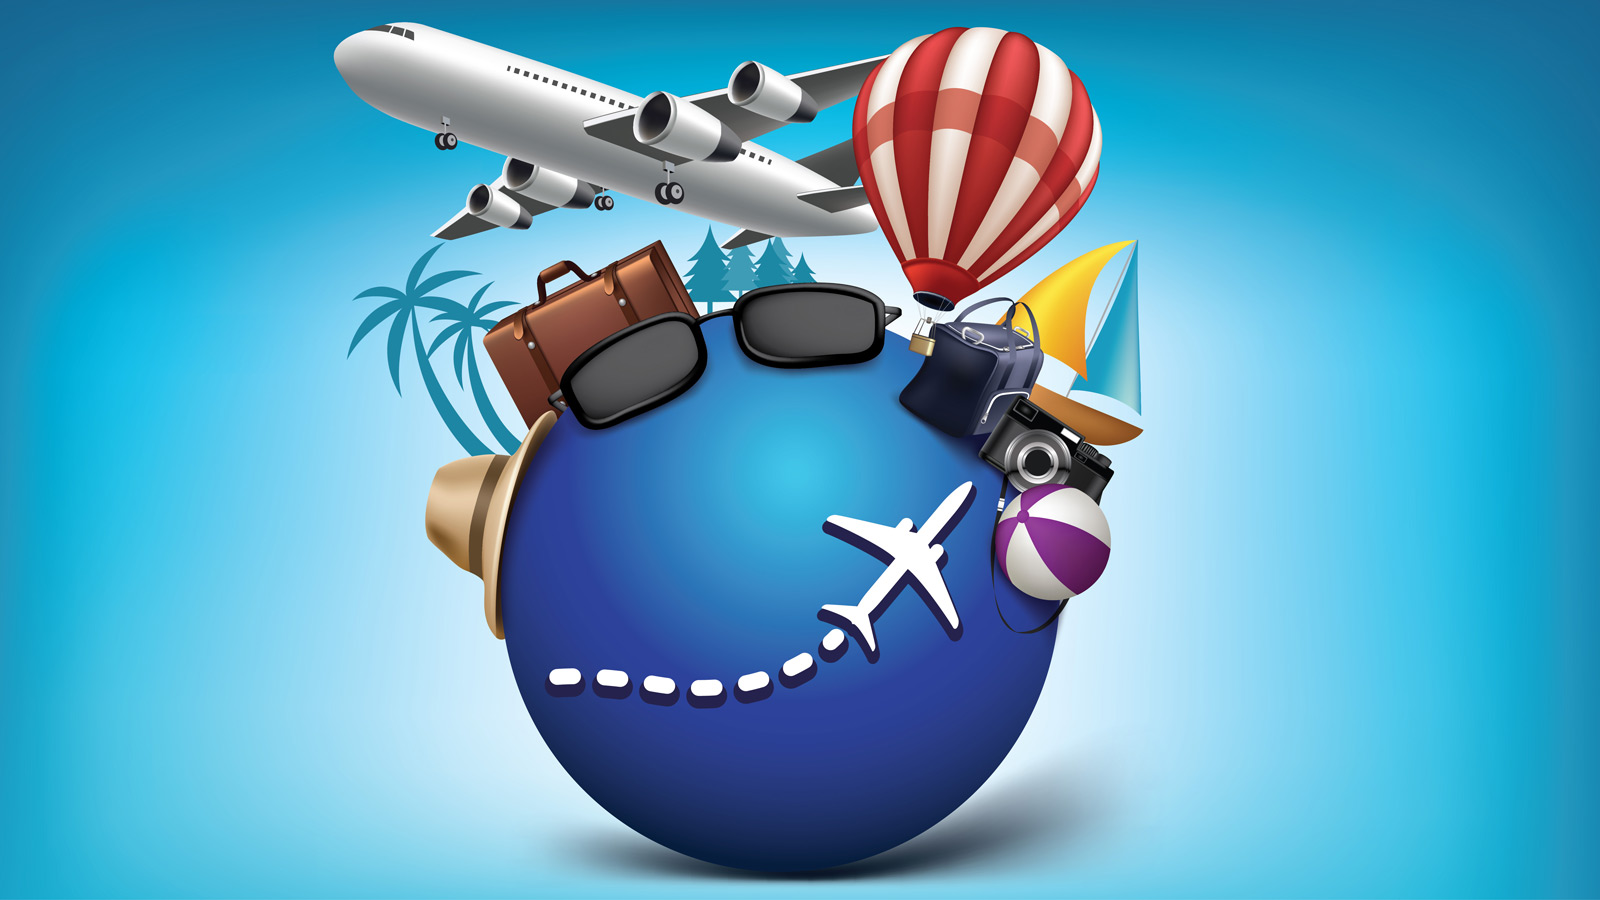 viagens internacionais trocam habilidades por hospedagem